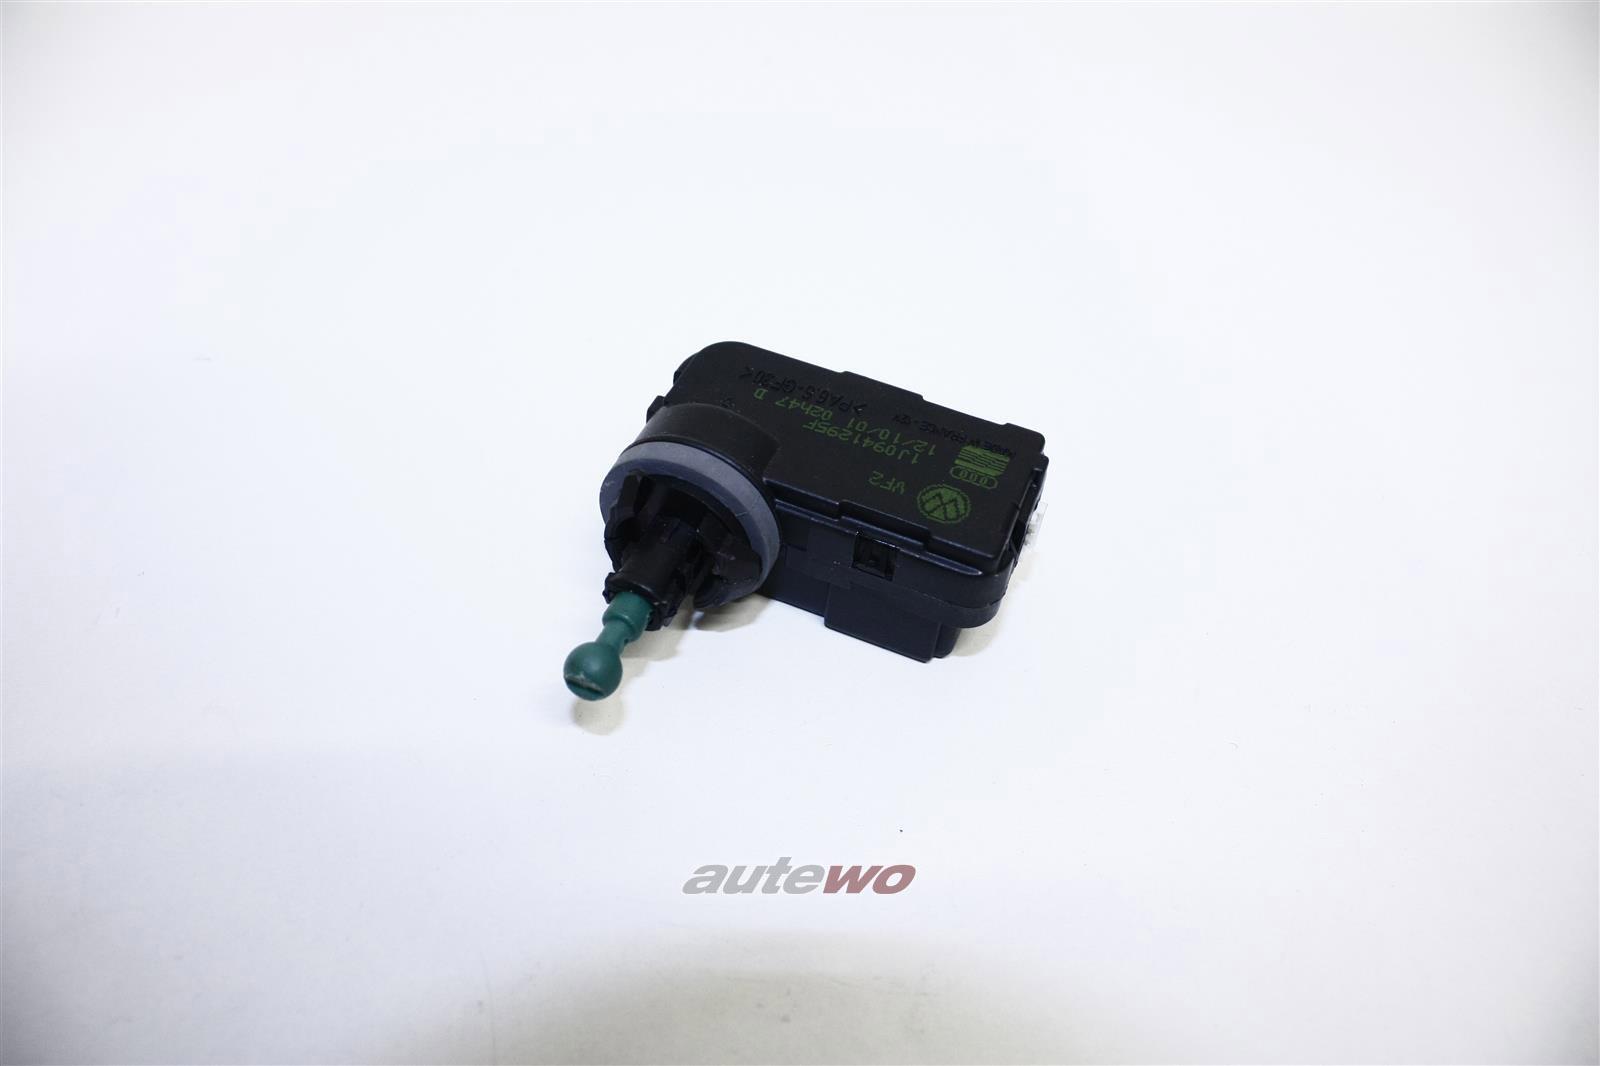 NEU & ORIGINAL! AUDI/VW A2/A4 8E/Q7/Golf/Lupo Stellmotor Leuchtweitenregulierung 1J0941295B 1J0941295F